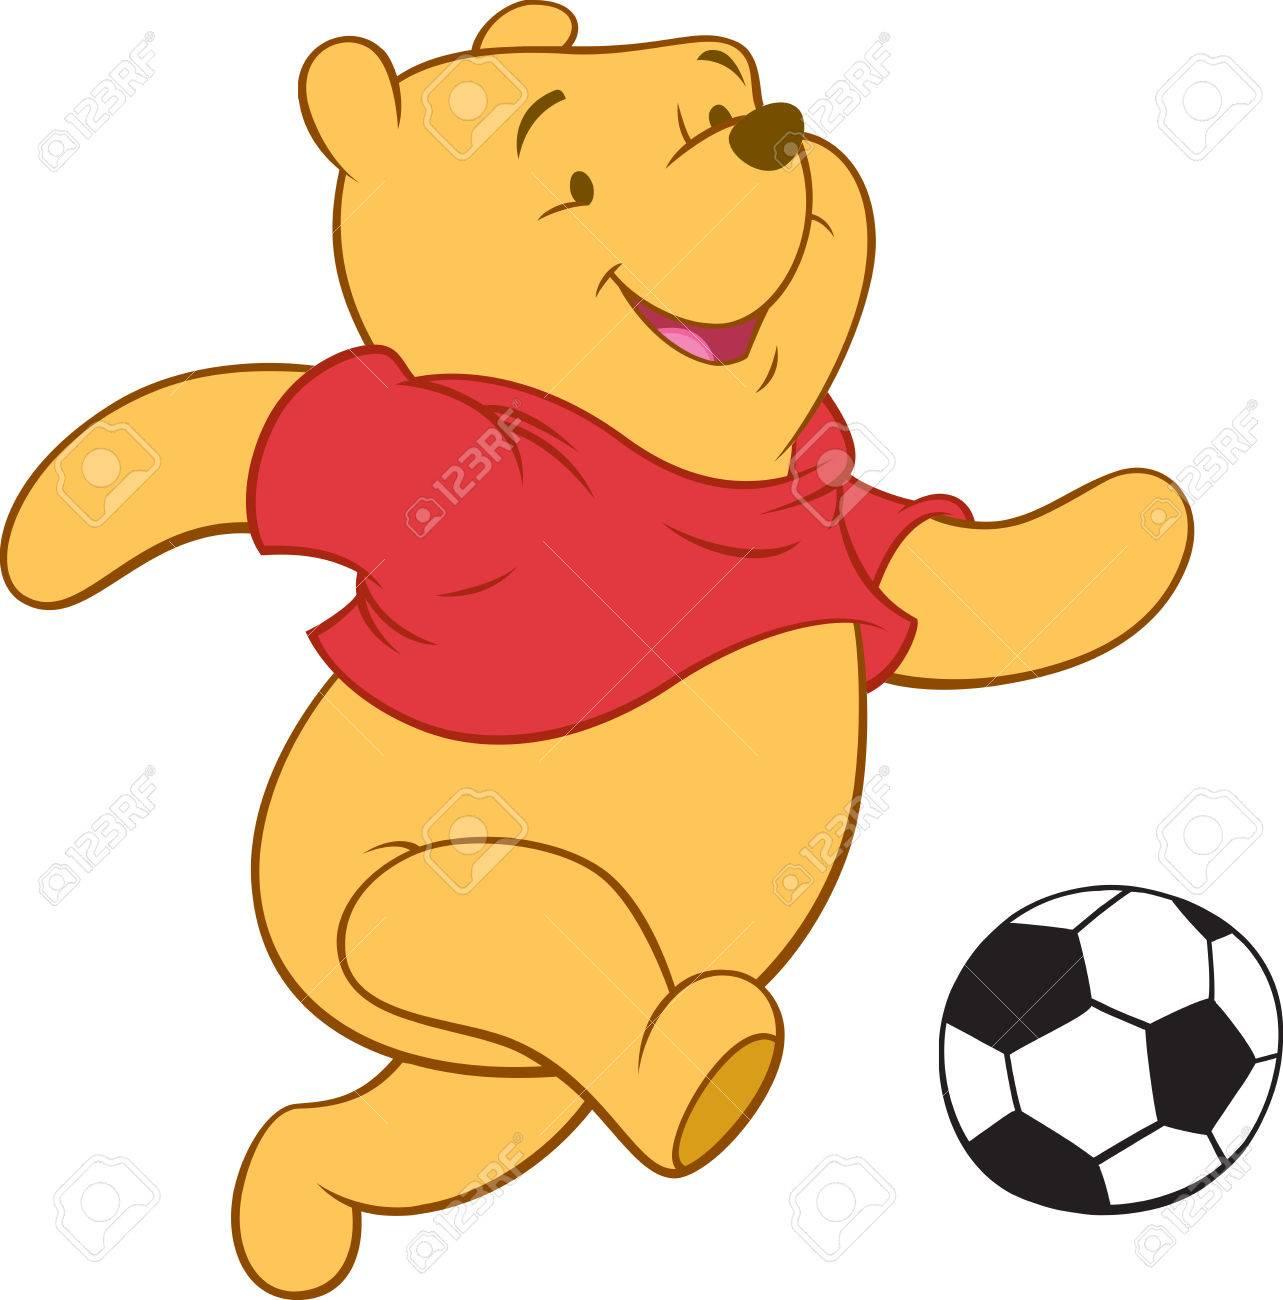 Winnie The Pooh Ilustración Oso Jugando Al Fútbol Fotos Retratos